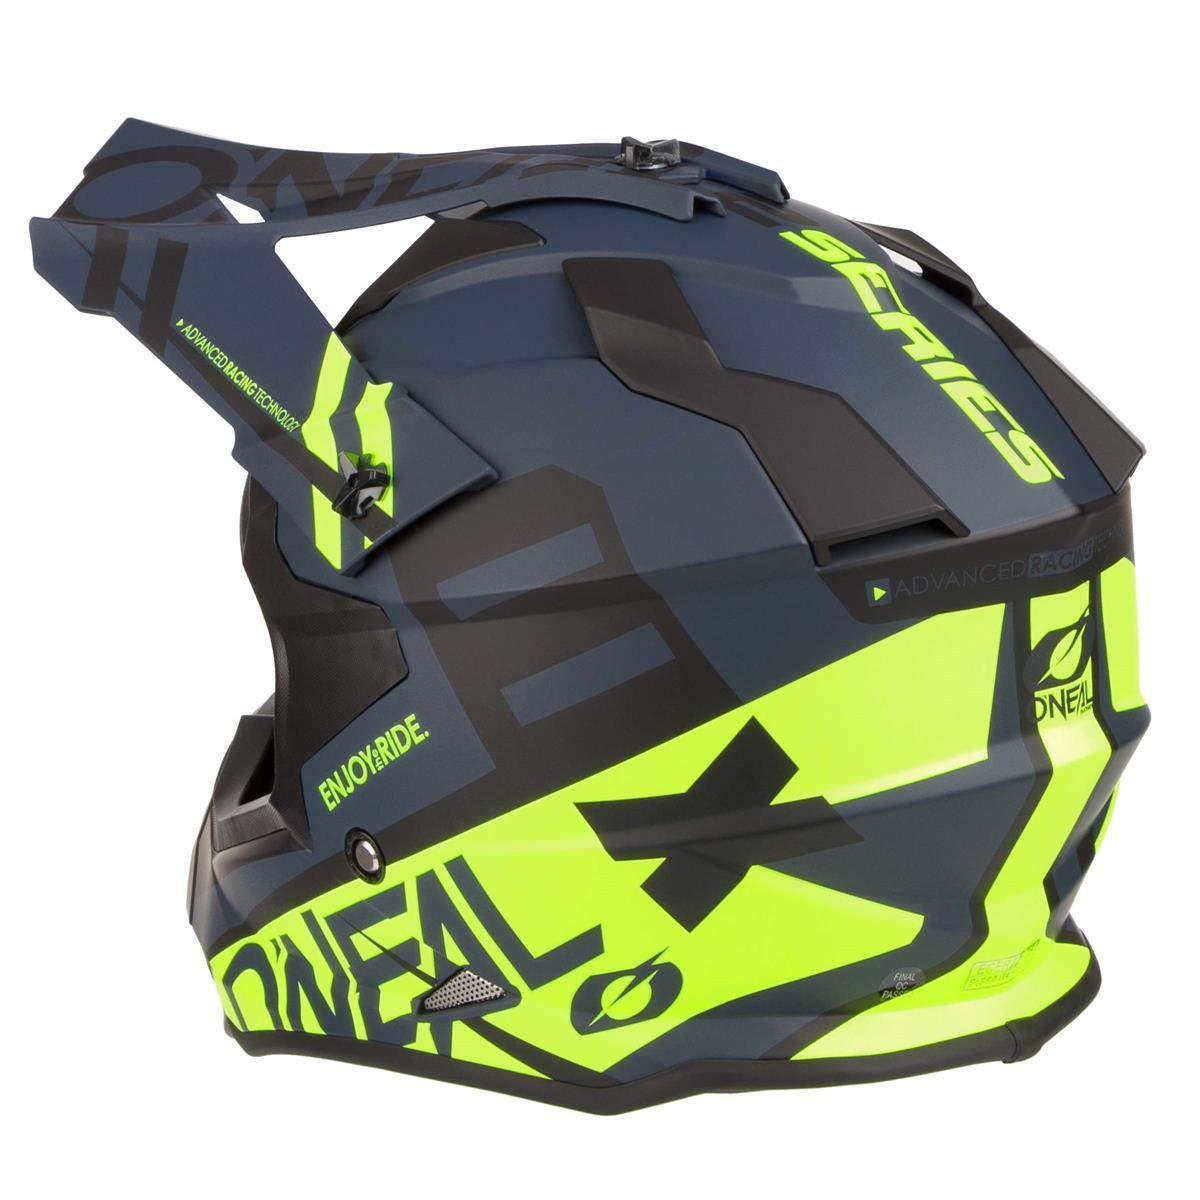 0200-213 Oneal 2 Series RL Spyde Motocross Helmet M Matt Black Hi-Viz